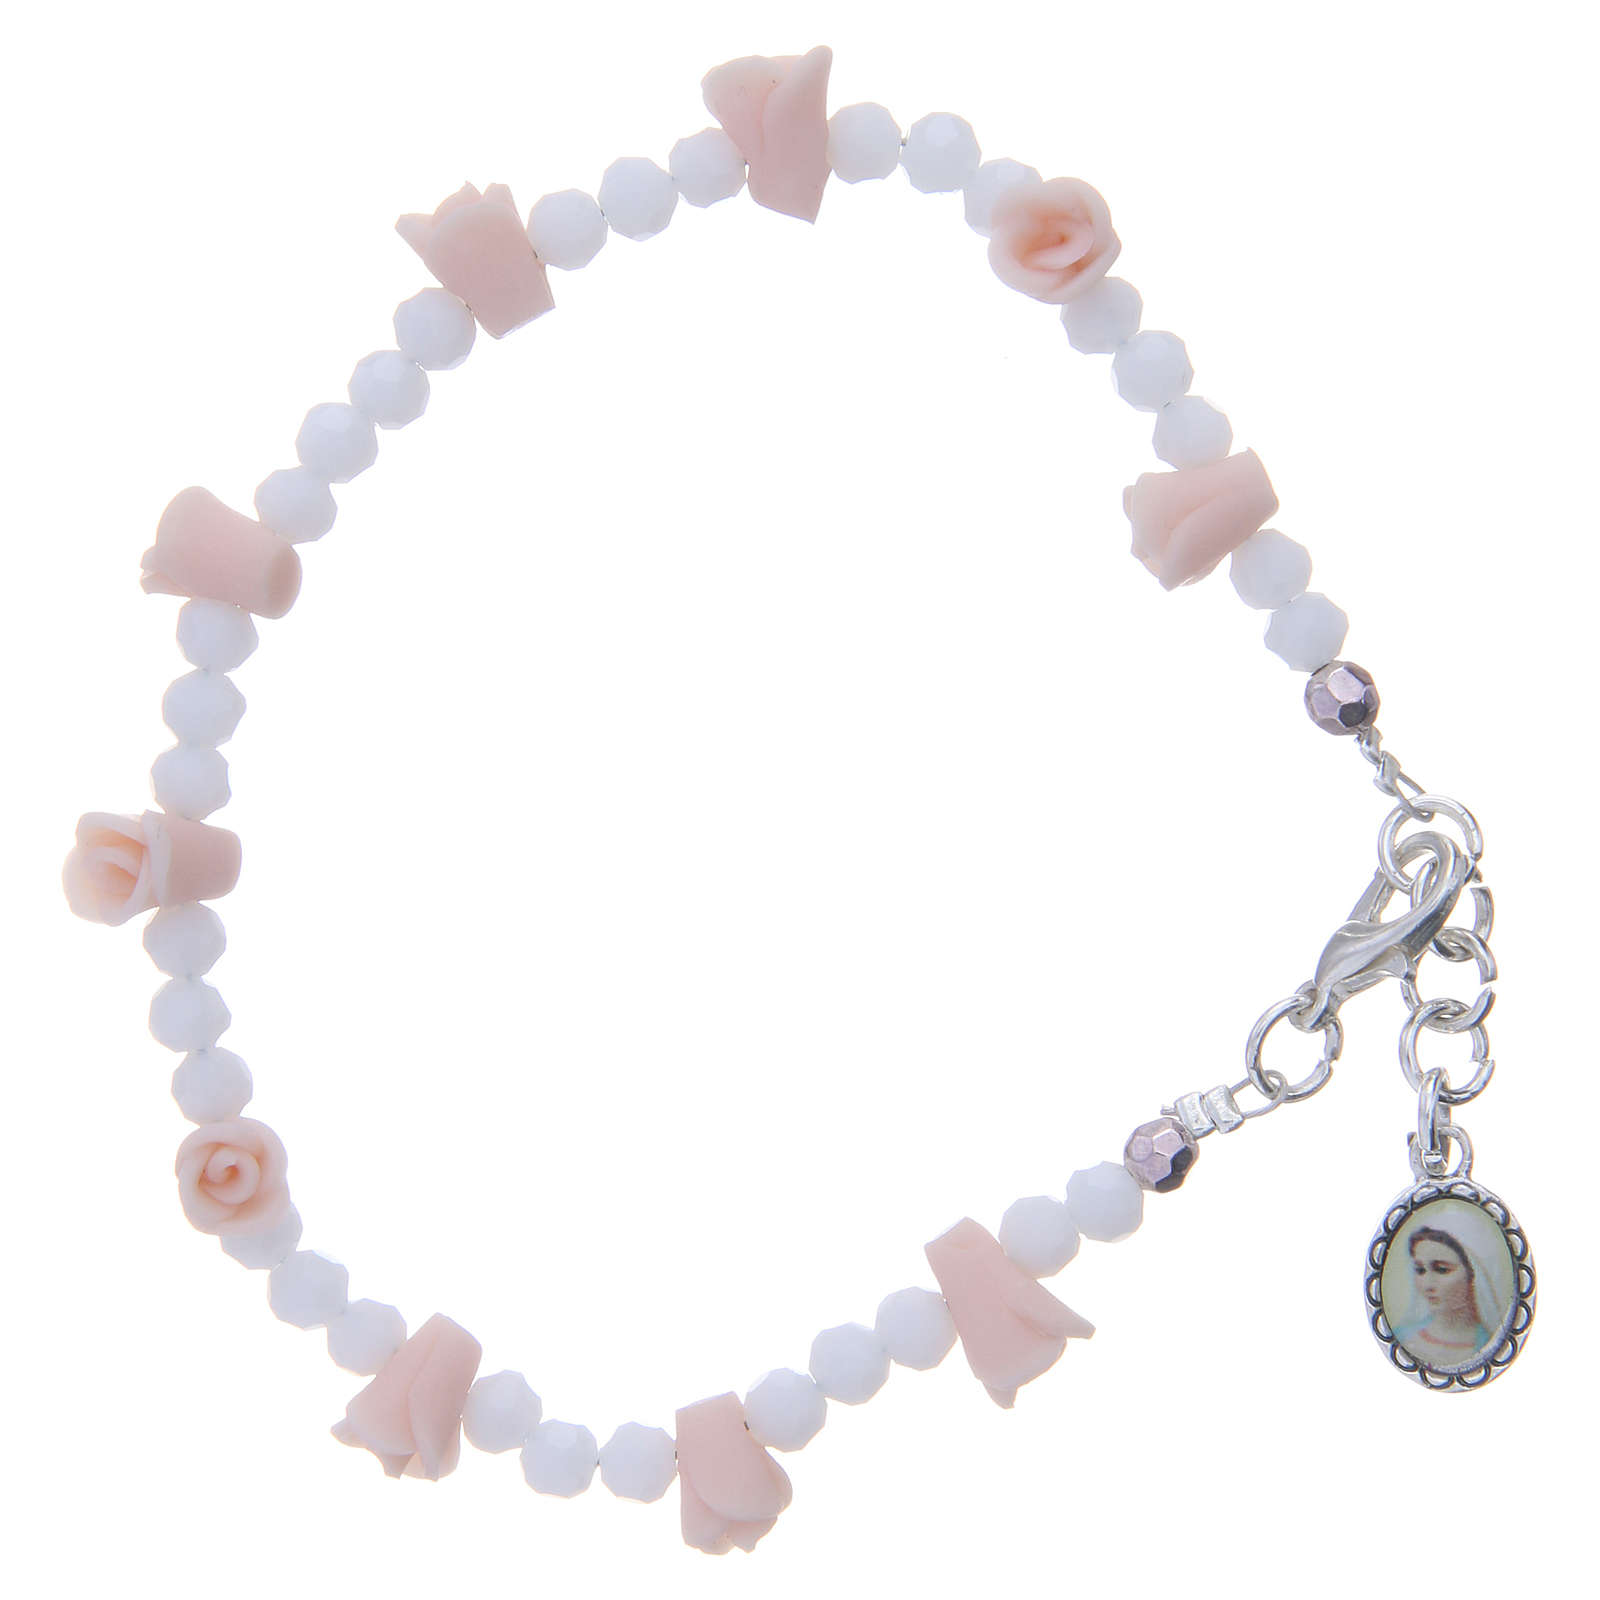 Pulsera Medjugorje icono Virgen rosas cerámica cuentas cristal 4